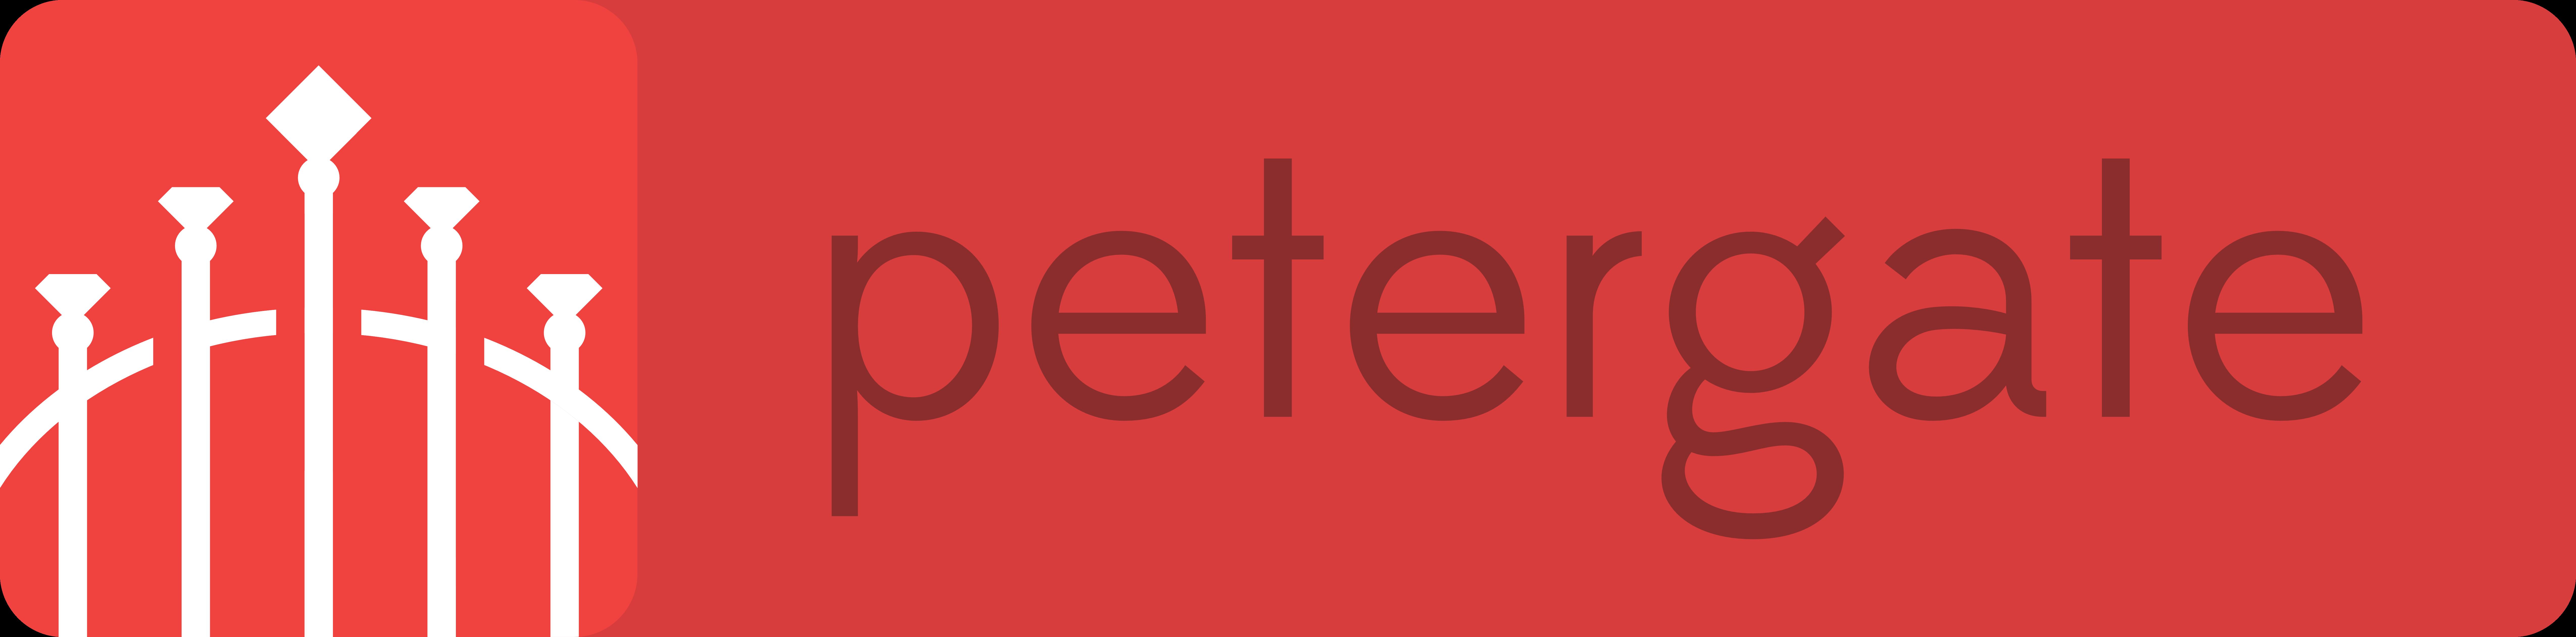 Petergate